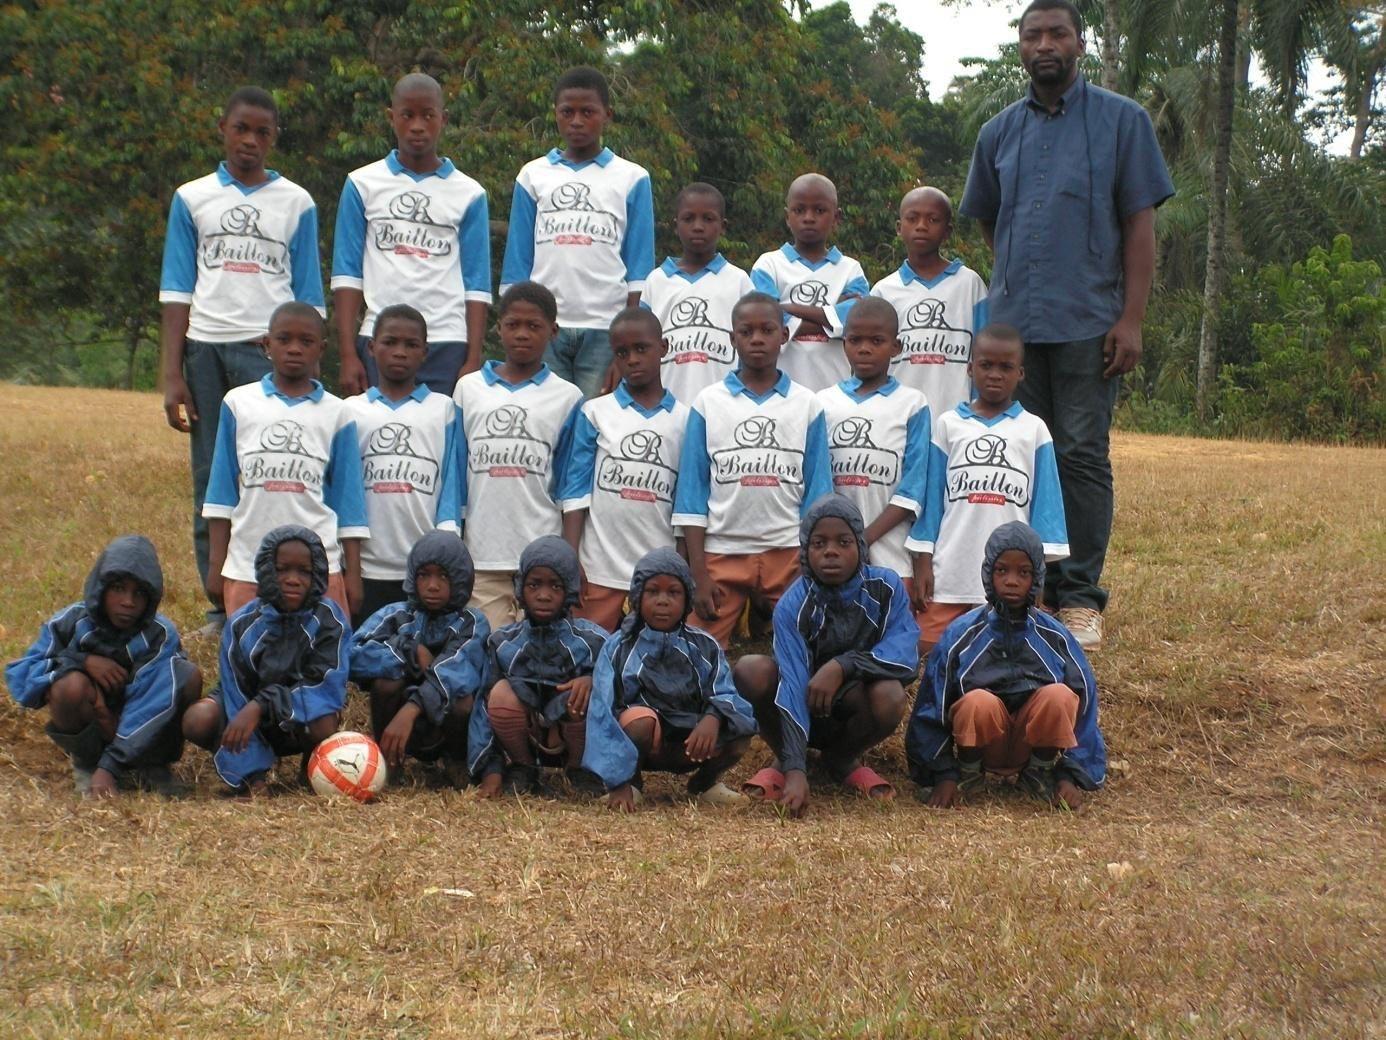 L'équipe de foot des enfants de Sepp avec leurs nouveaux maillots